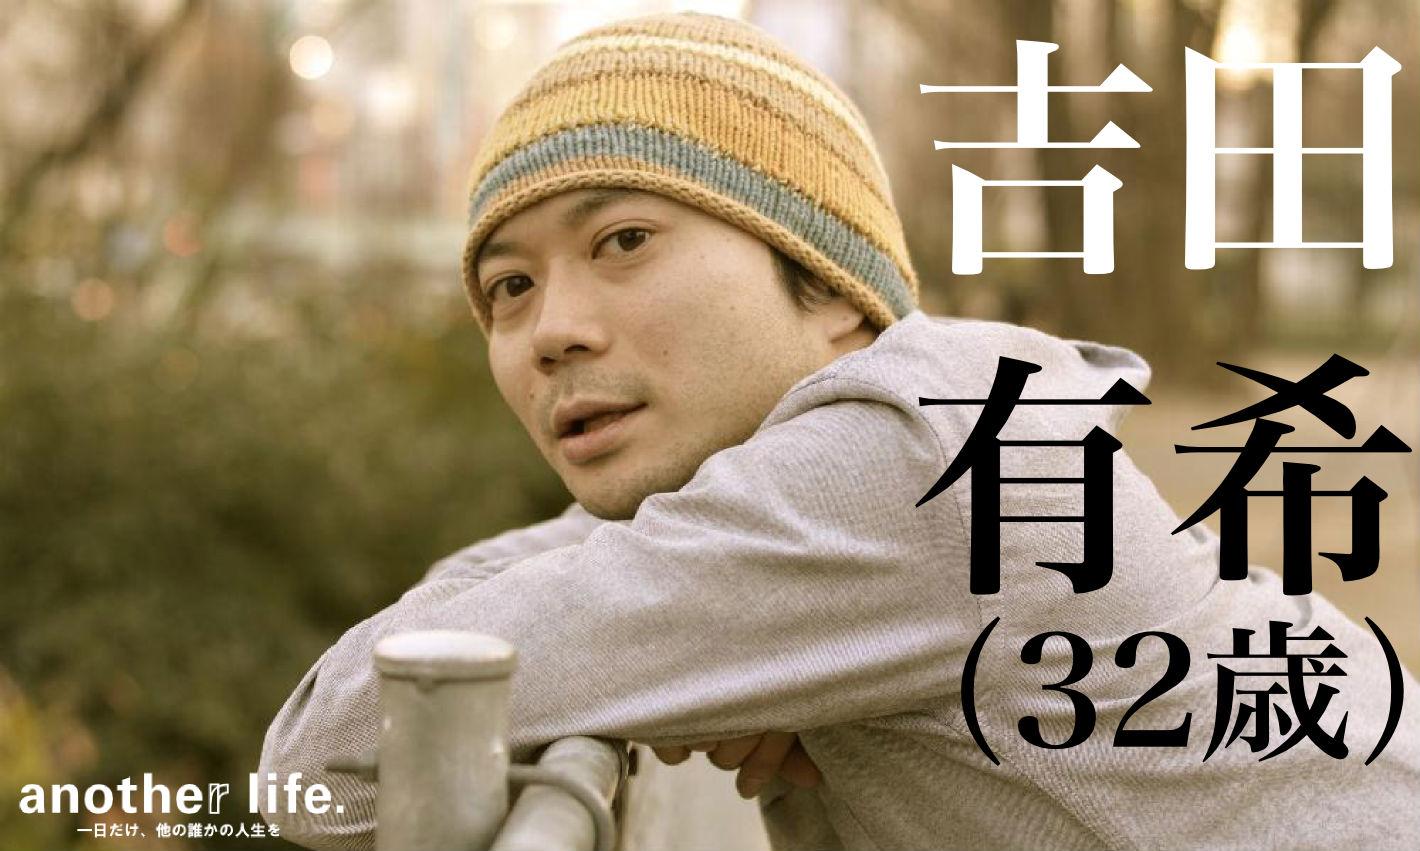 吉田 有希さん/カフェバー経営